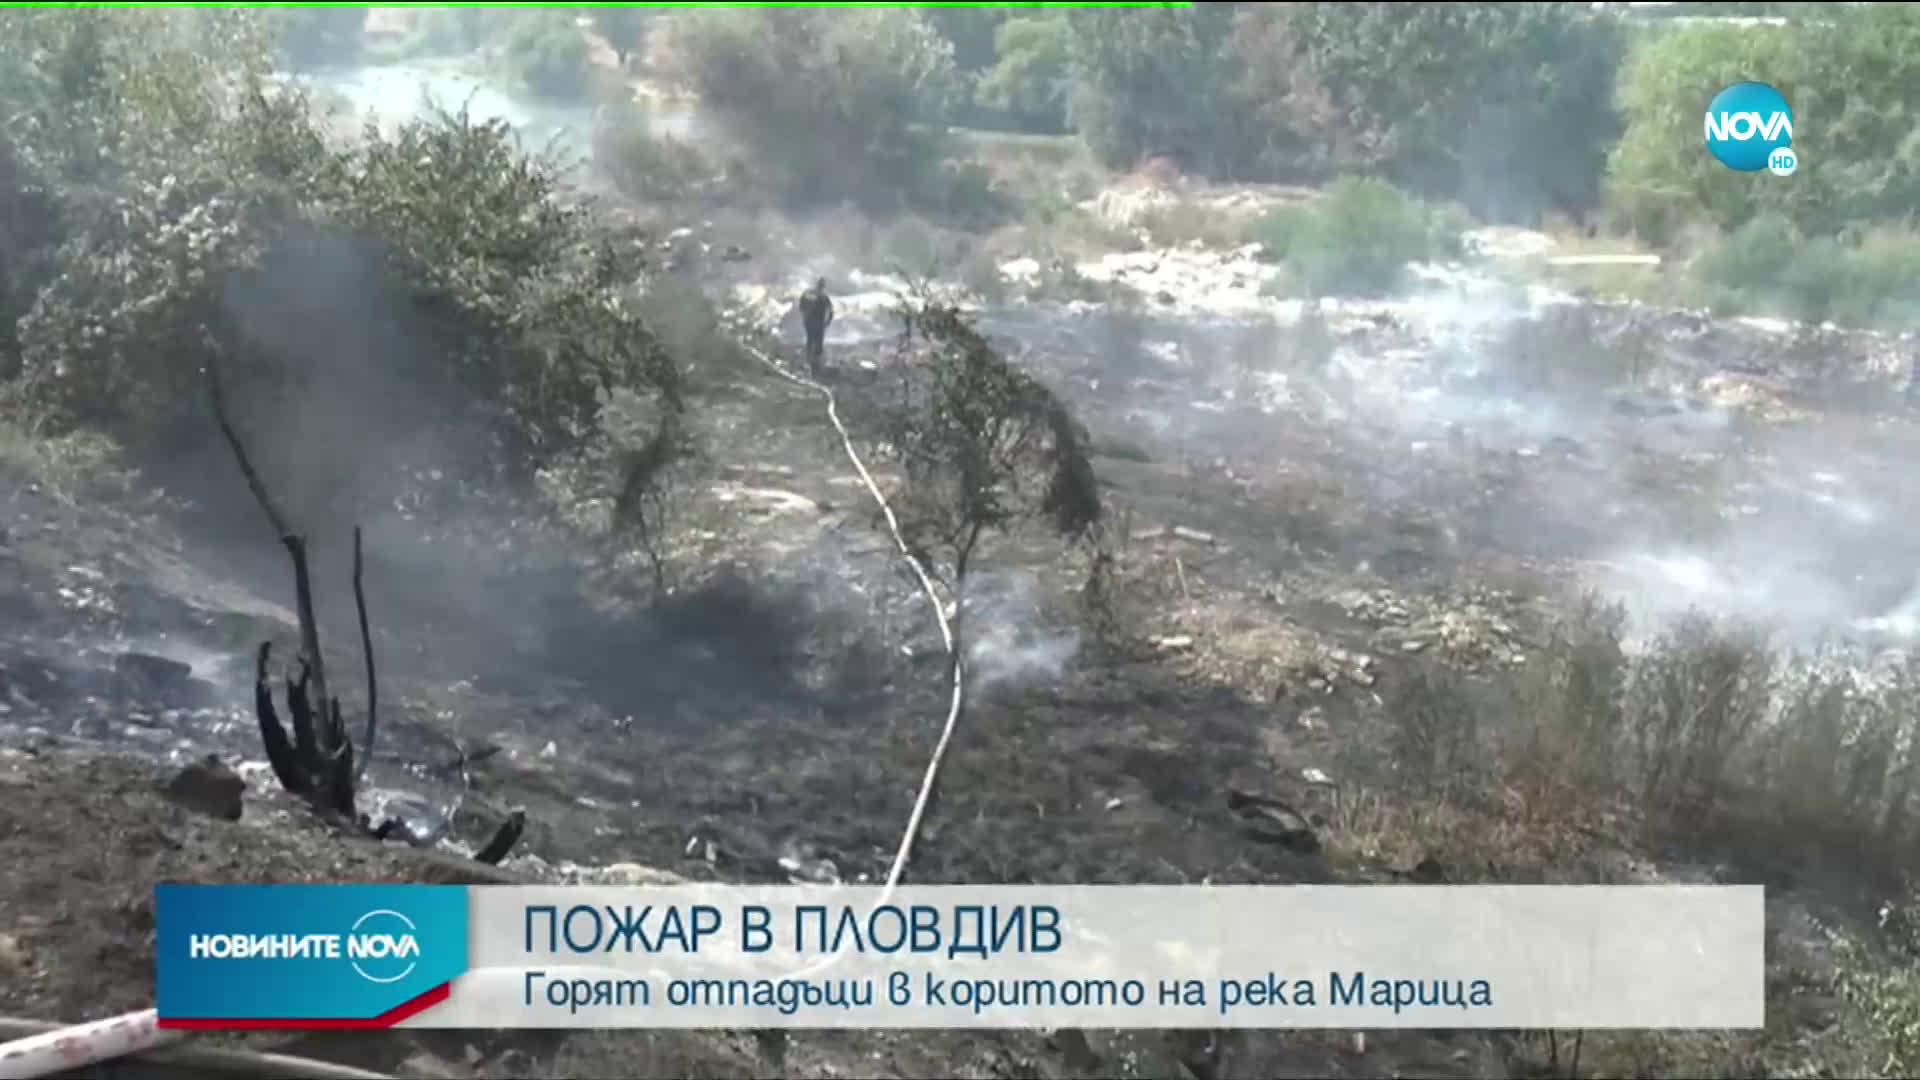 Няколко пожара в Пловдив, запали се и коритото на Марица